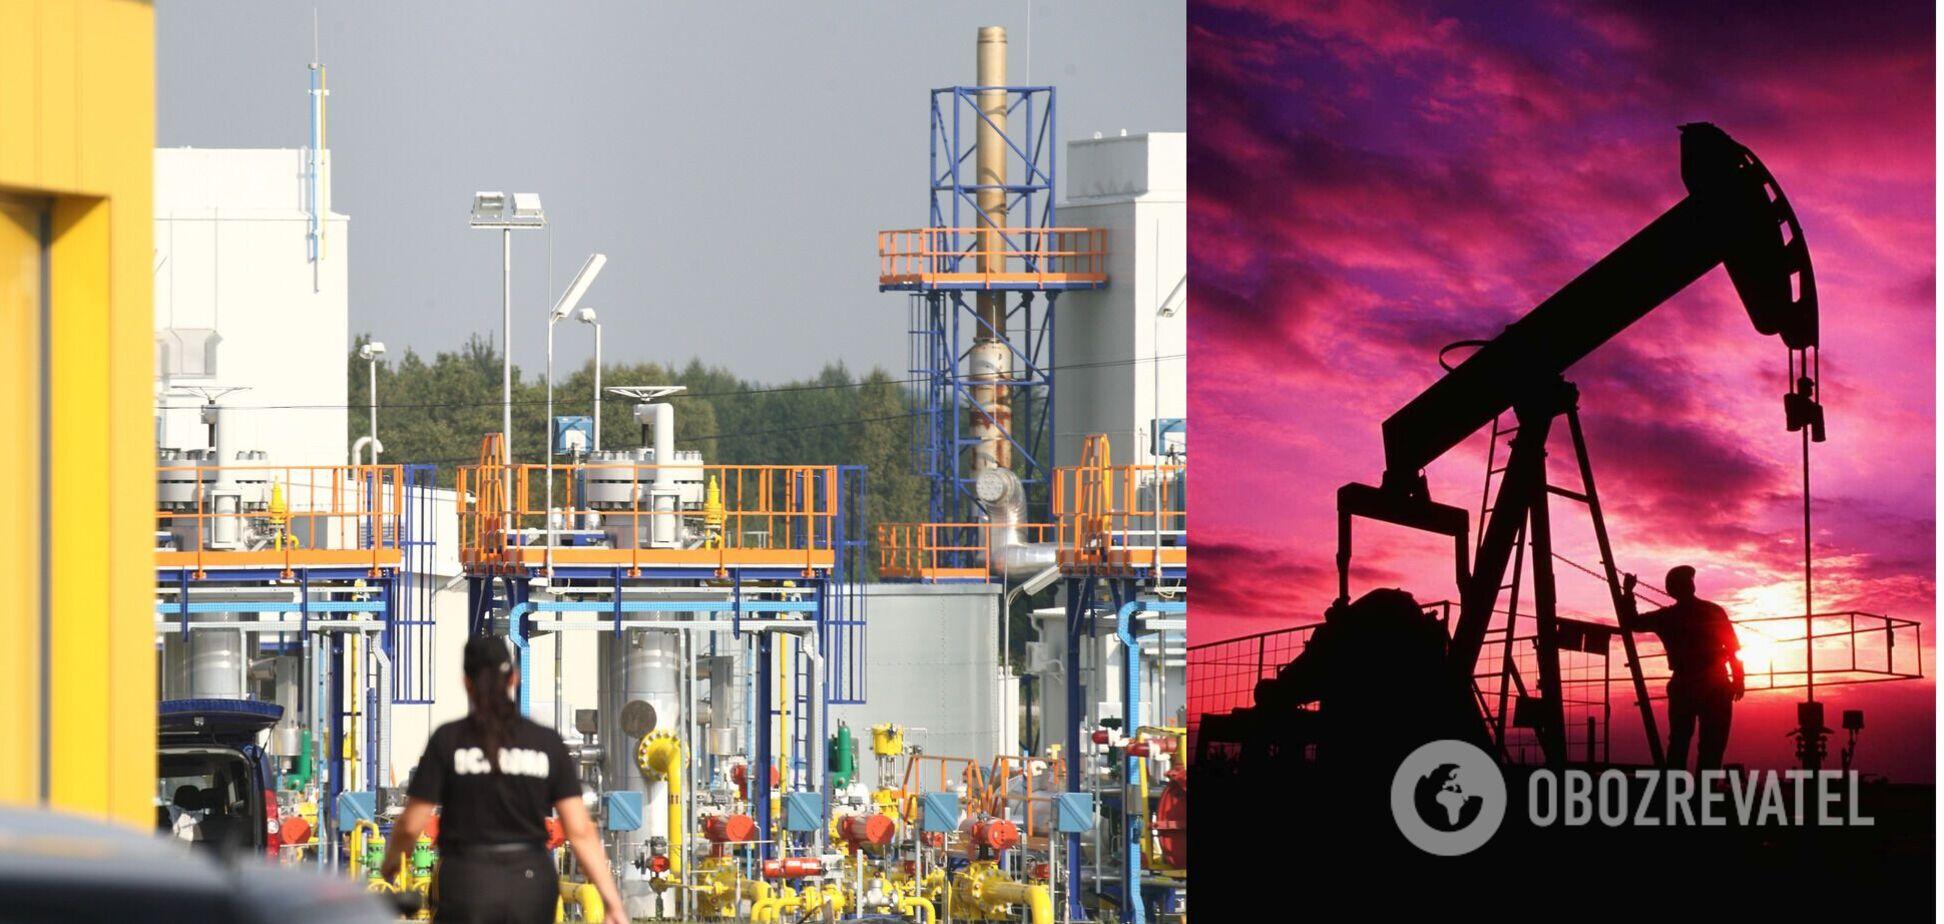 Газ и нефть одновременно вышли на ценовые рекорды